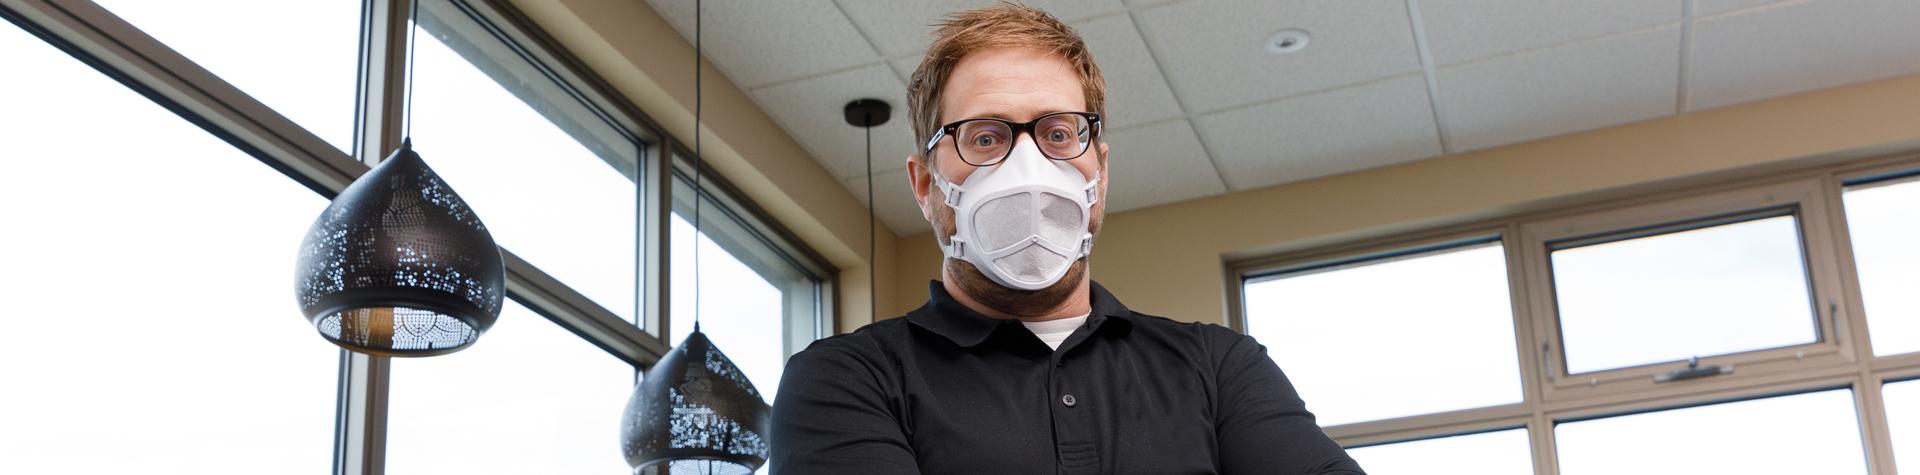 Divoc-masque-protection-header-a-propos